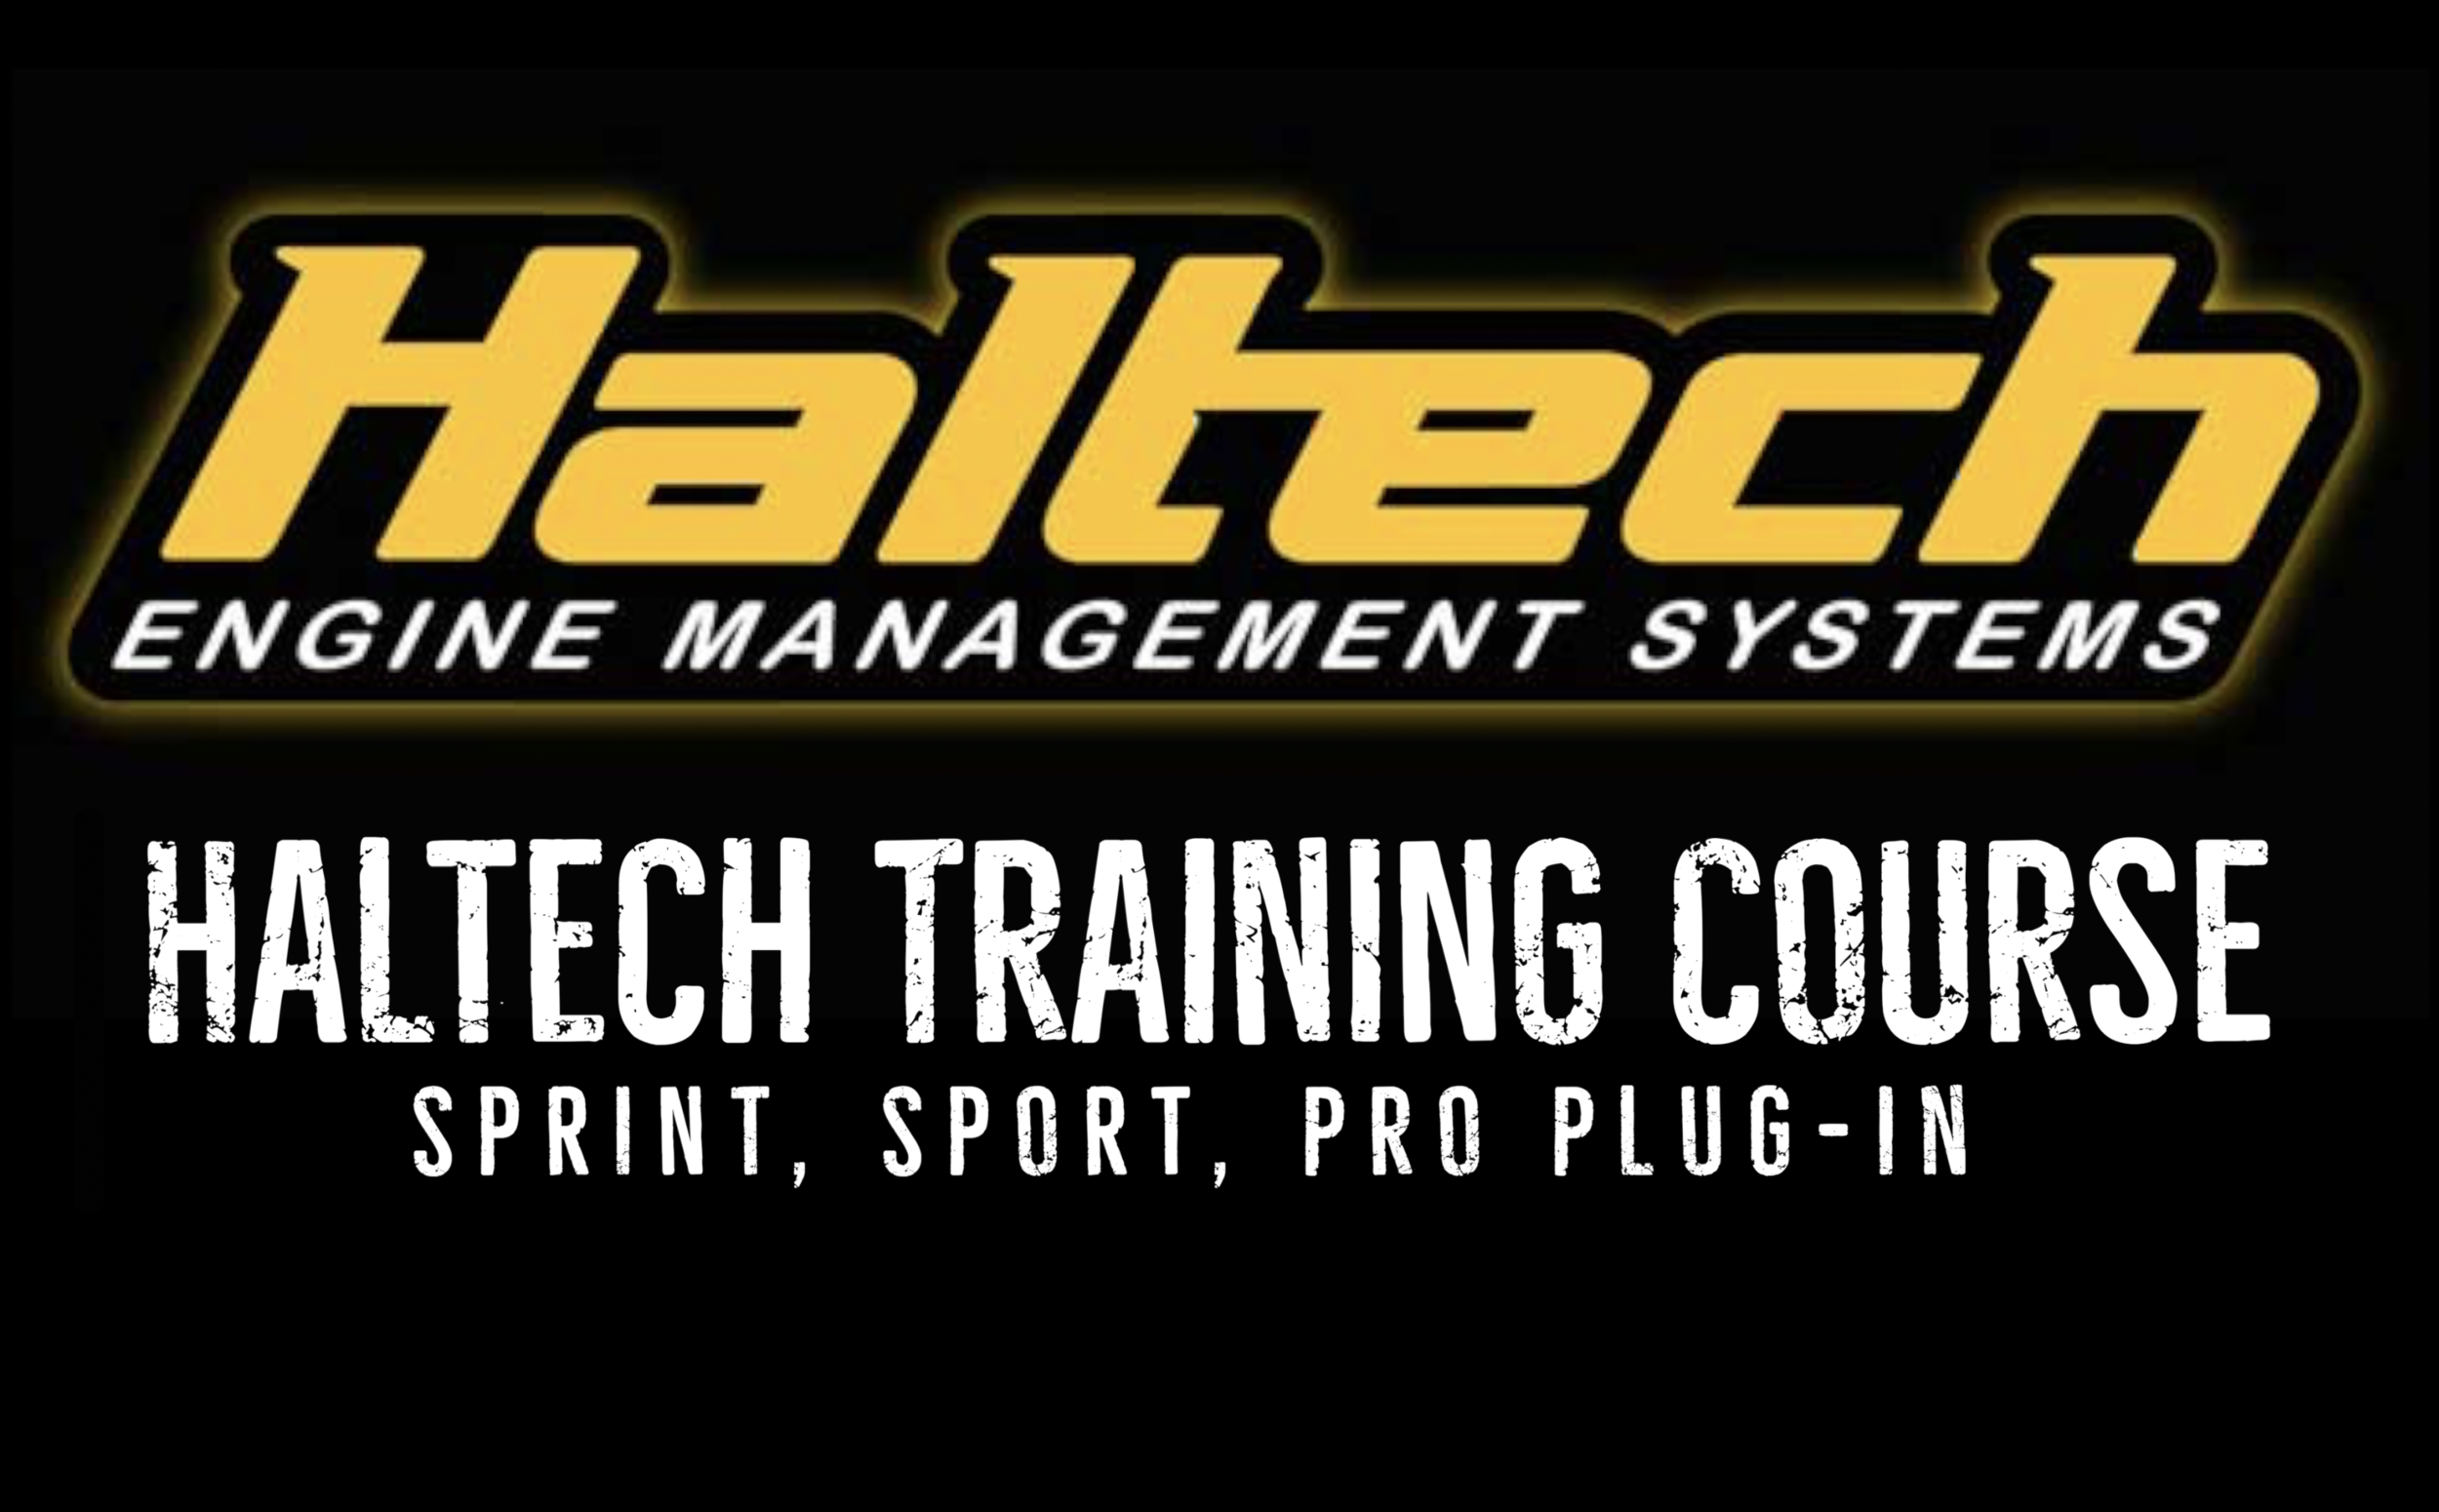 Haltech Sport .png